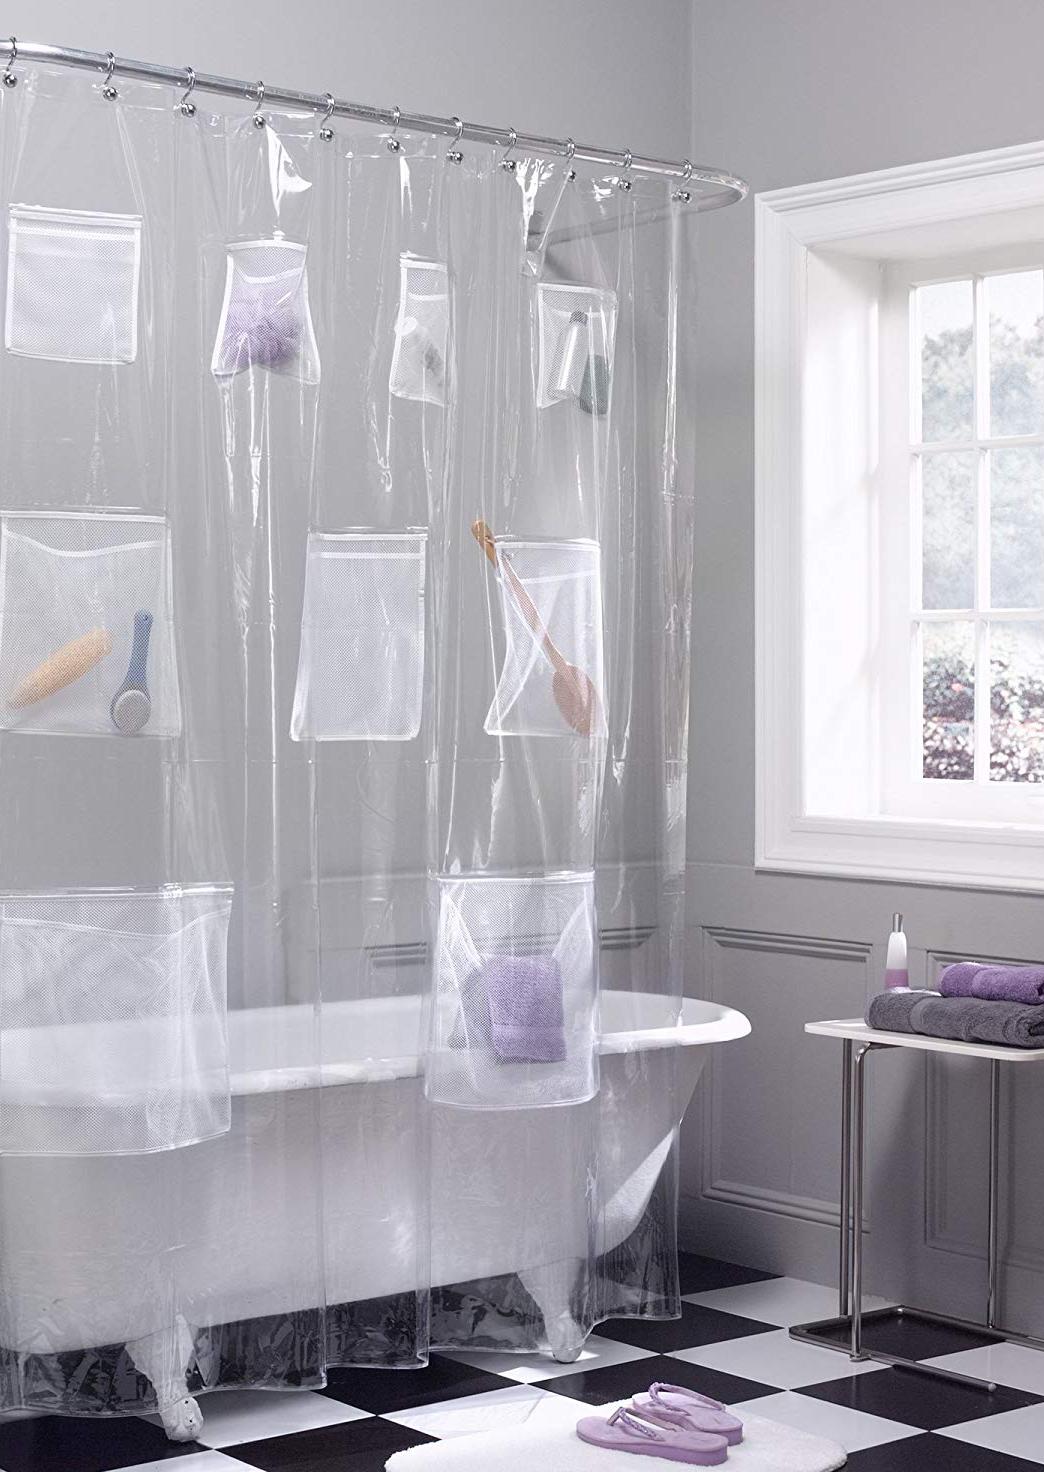 淋浴窗帘衬垫带有毛巾和刷子的口袋